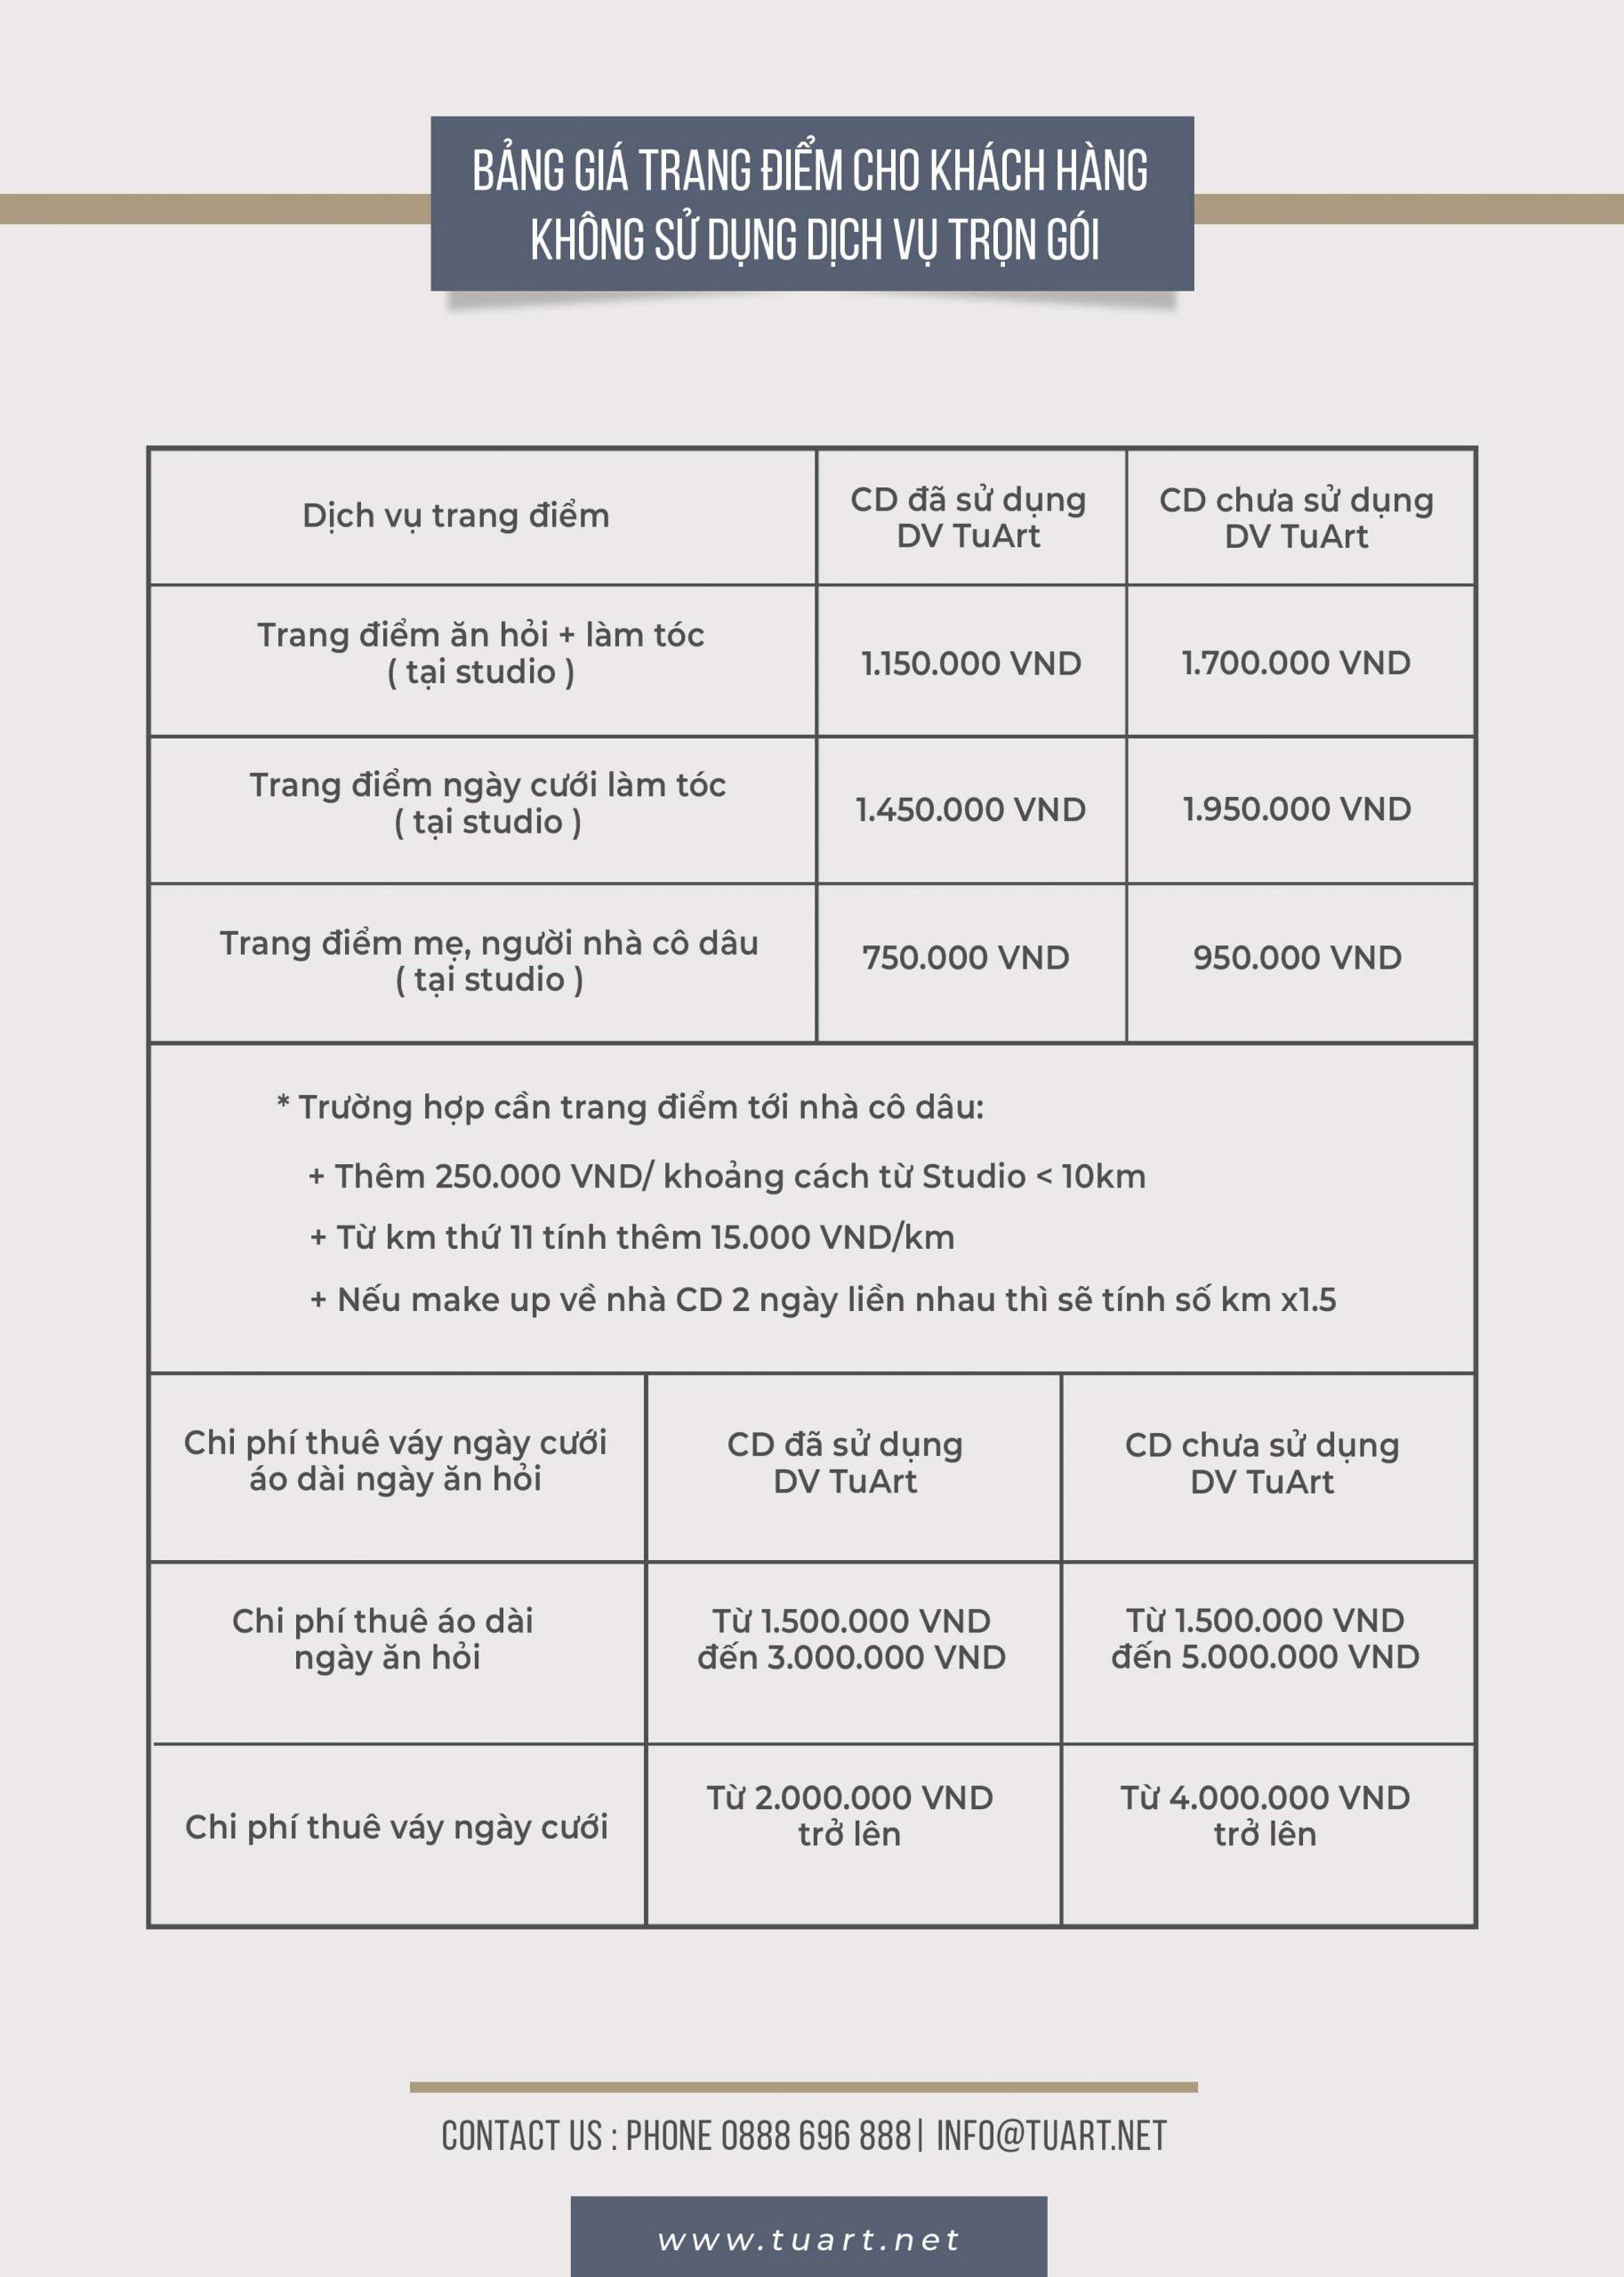 Bảng giá trang điểm cho khách hàng